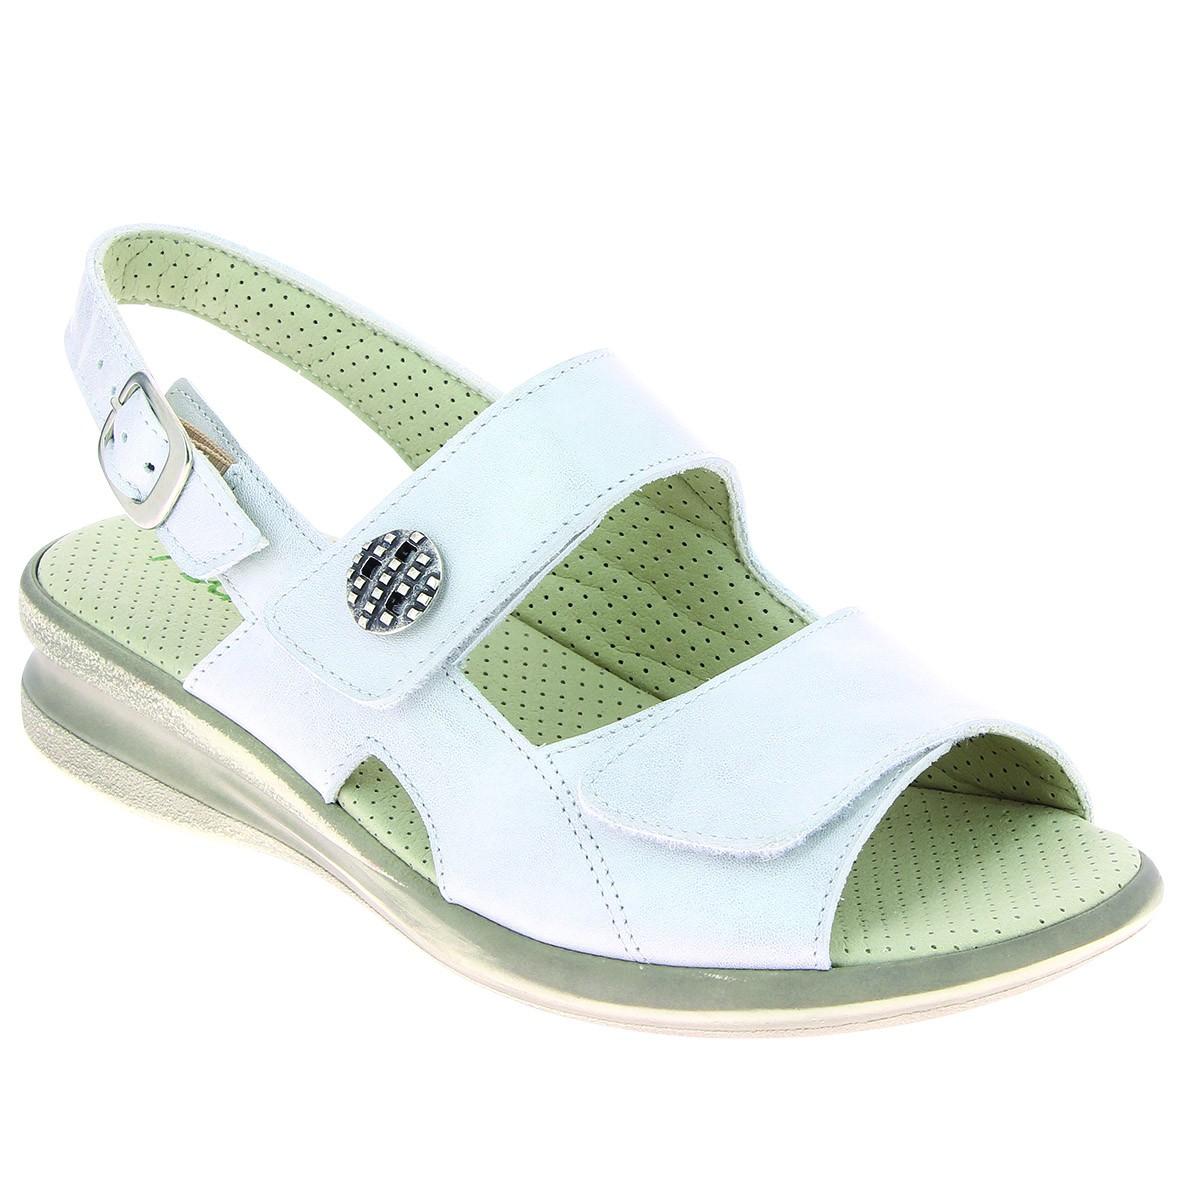 Sandale femme orthopédique